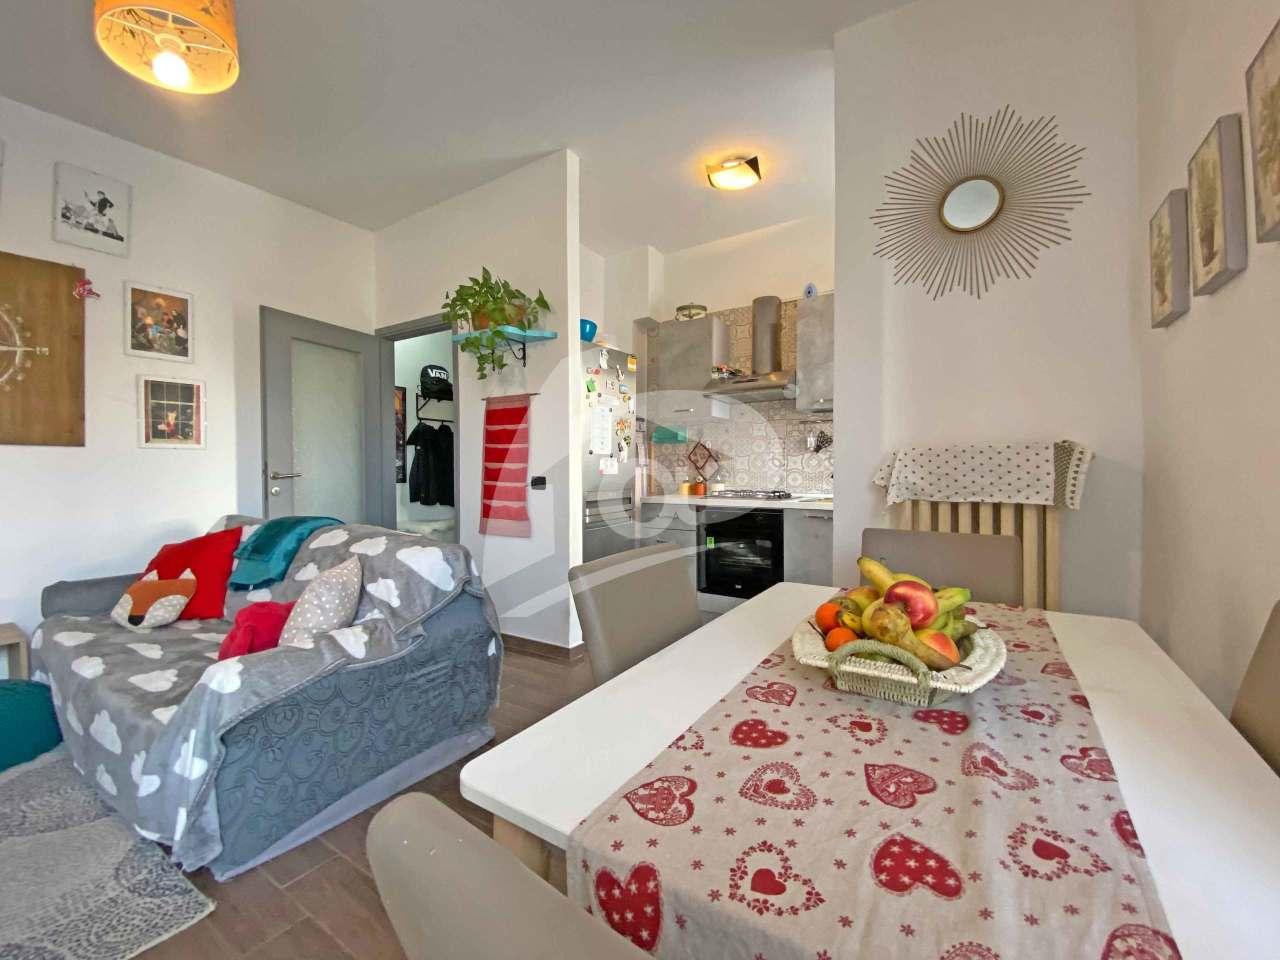 Appartamento in vendita a Leggiuno, 2 locali, prezzo € 62.000 | PortaleAgenzieImmobiliari.it